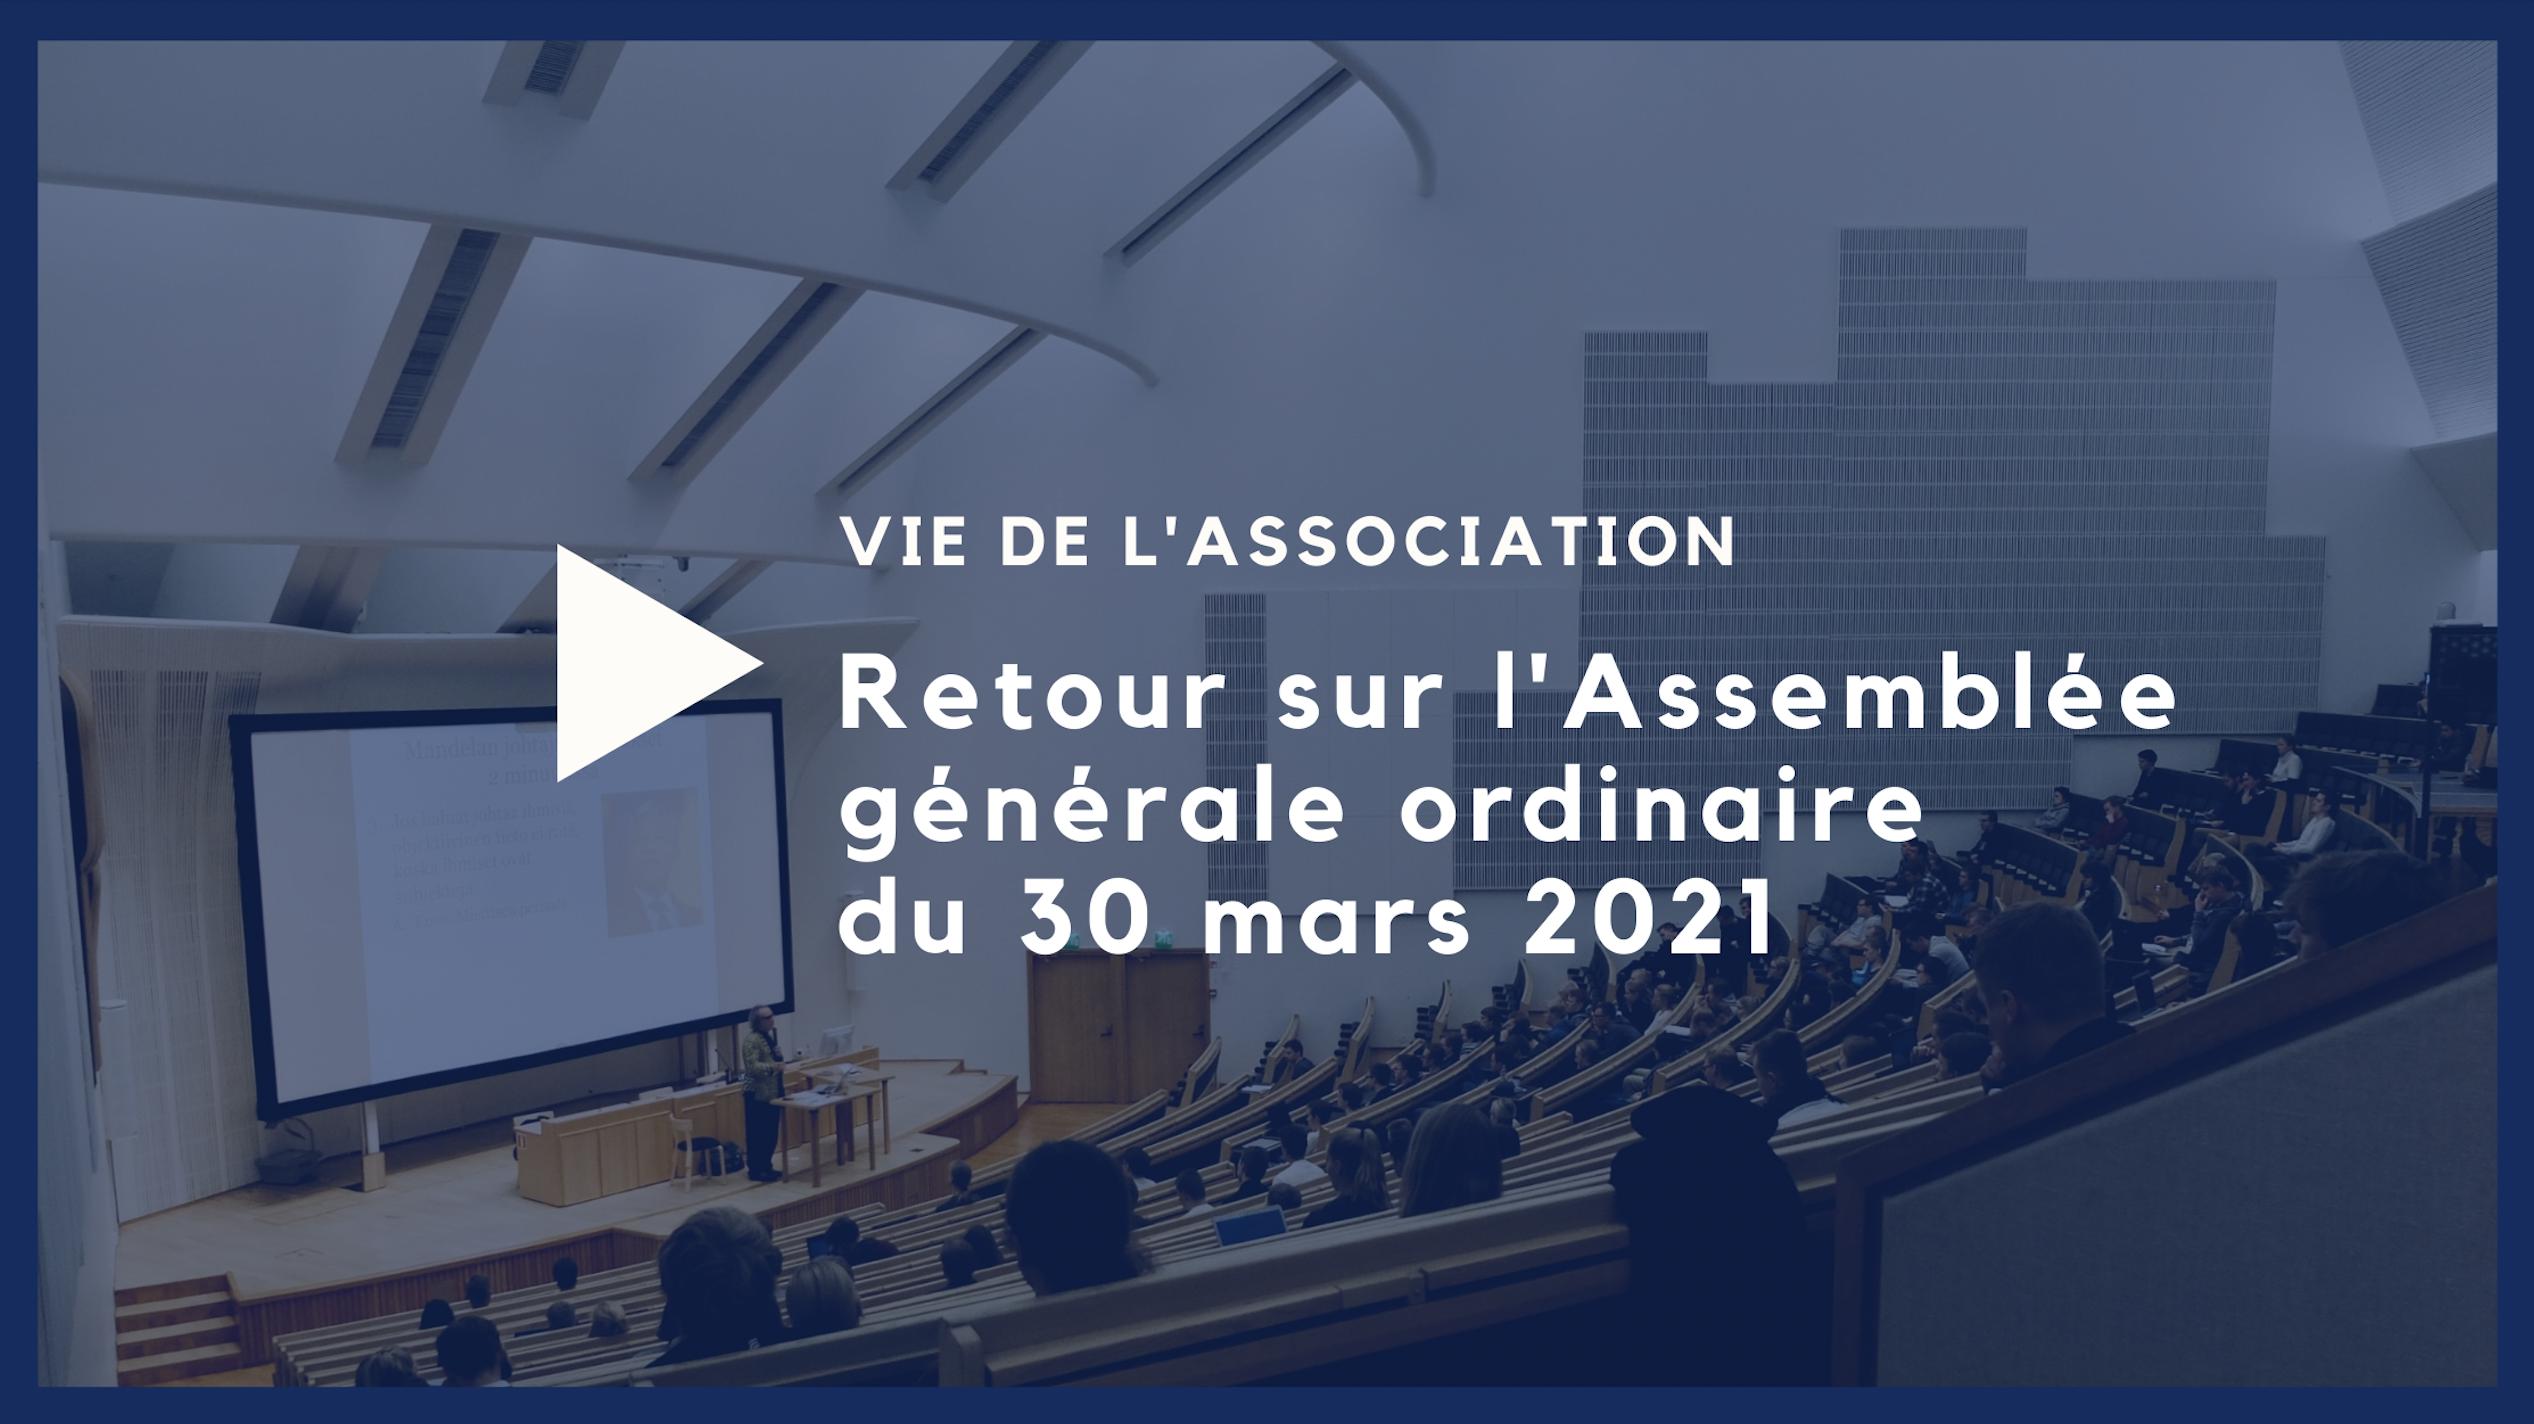 Retour sur l'Assemblée générale ordinaire du 30 mars 2021